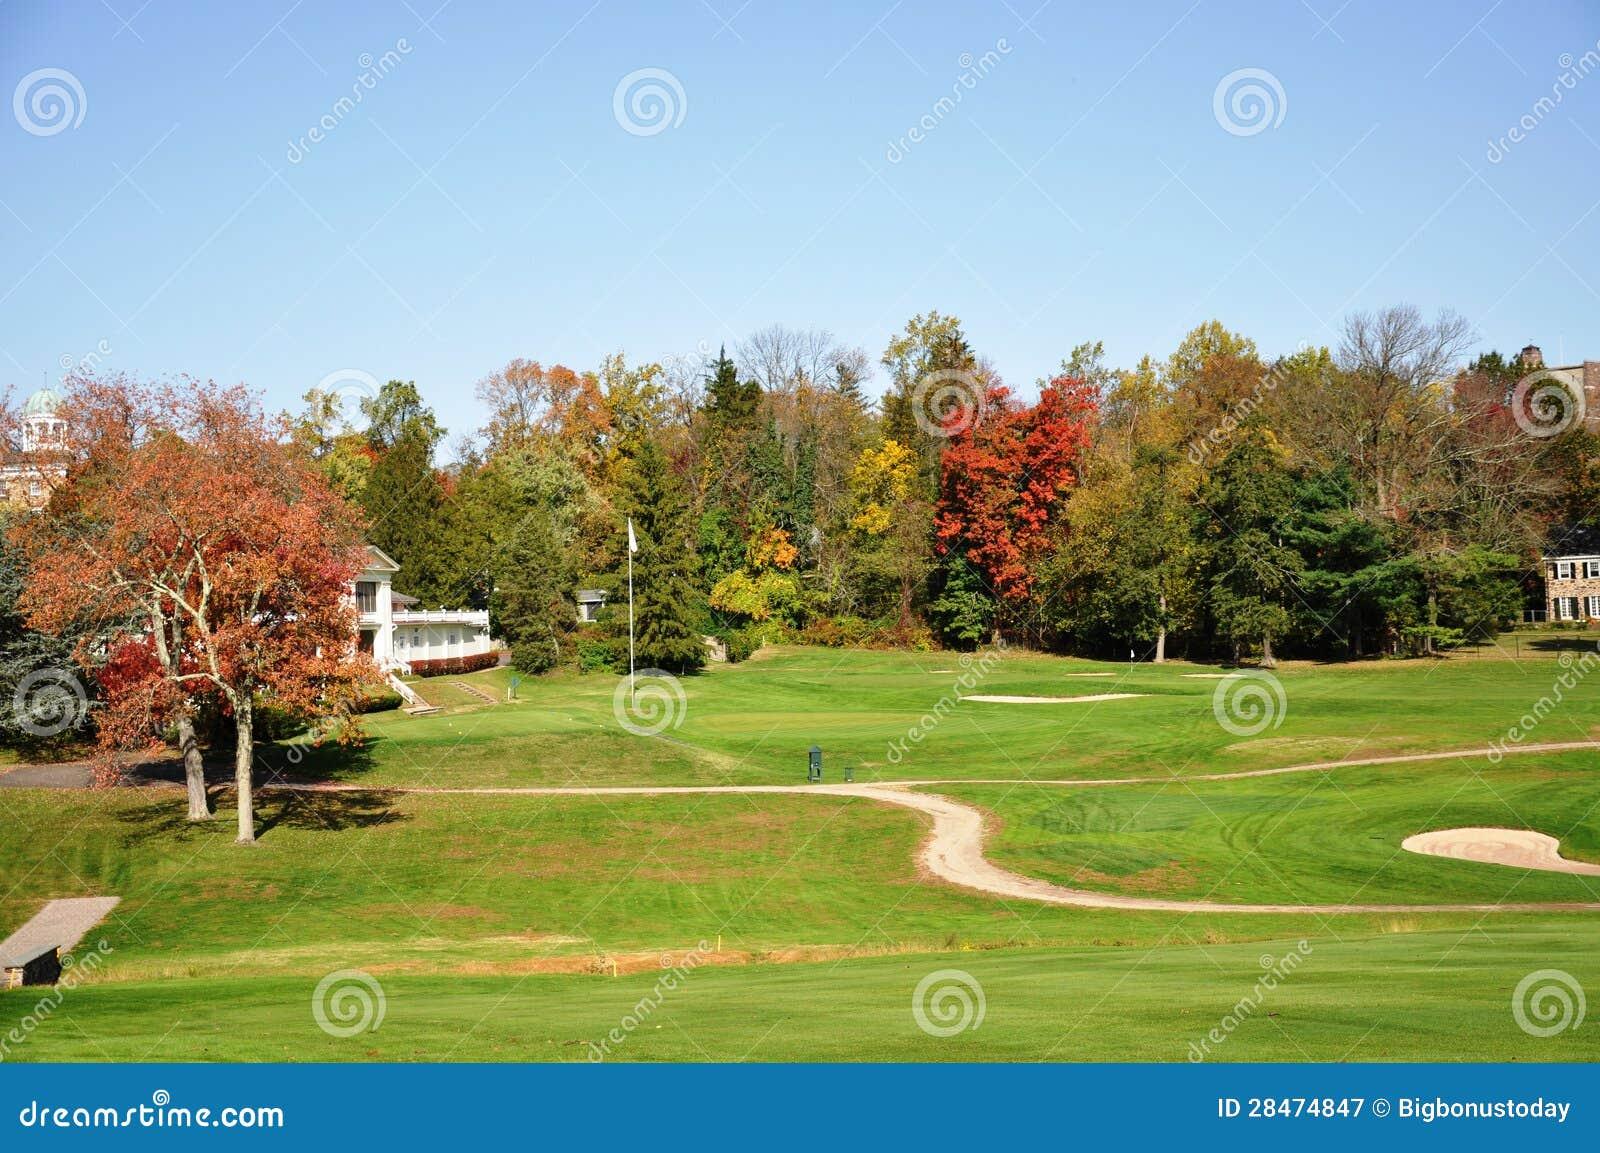 普林斯顿高尔夫球场